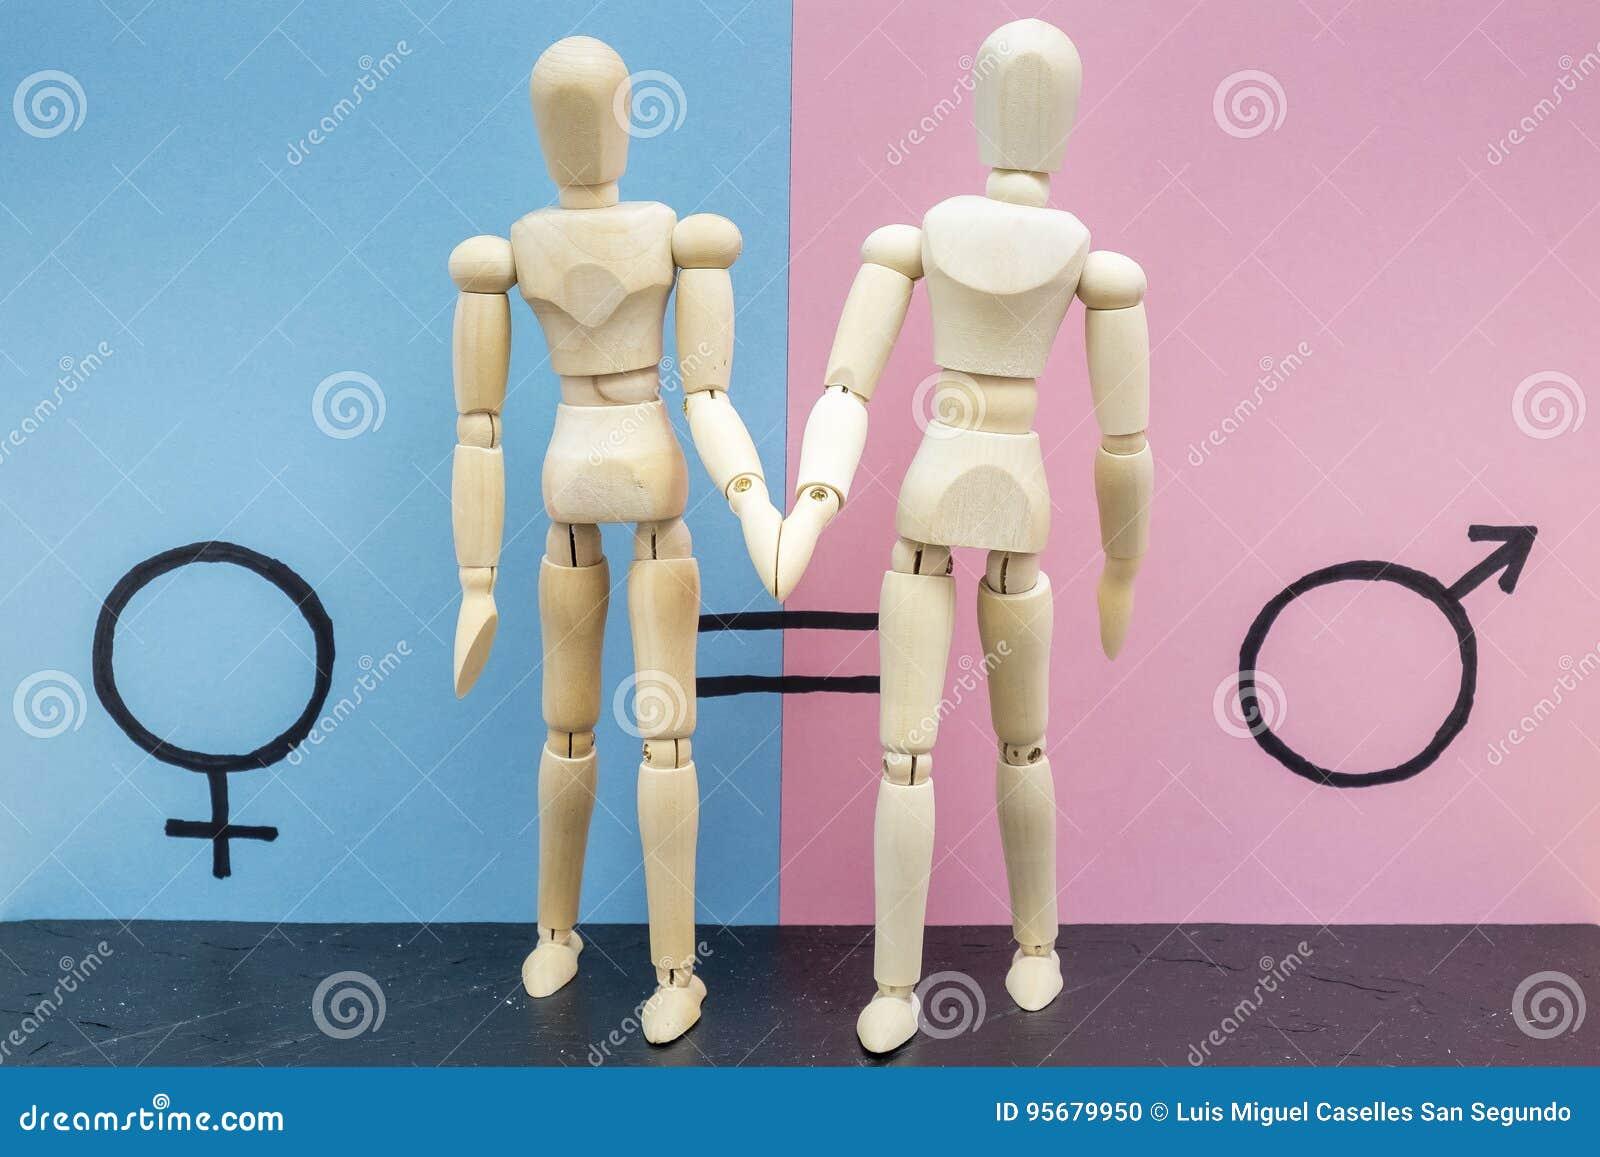 Simbolo di uguaglianza di genere